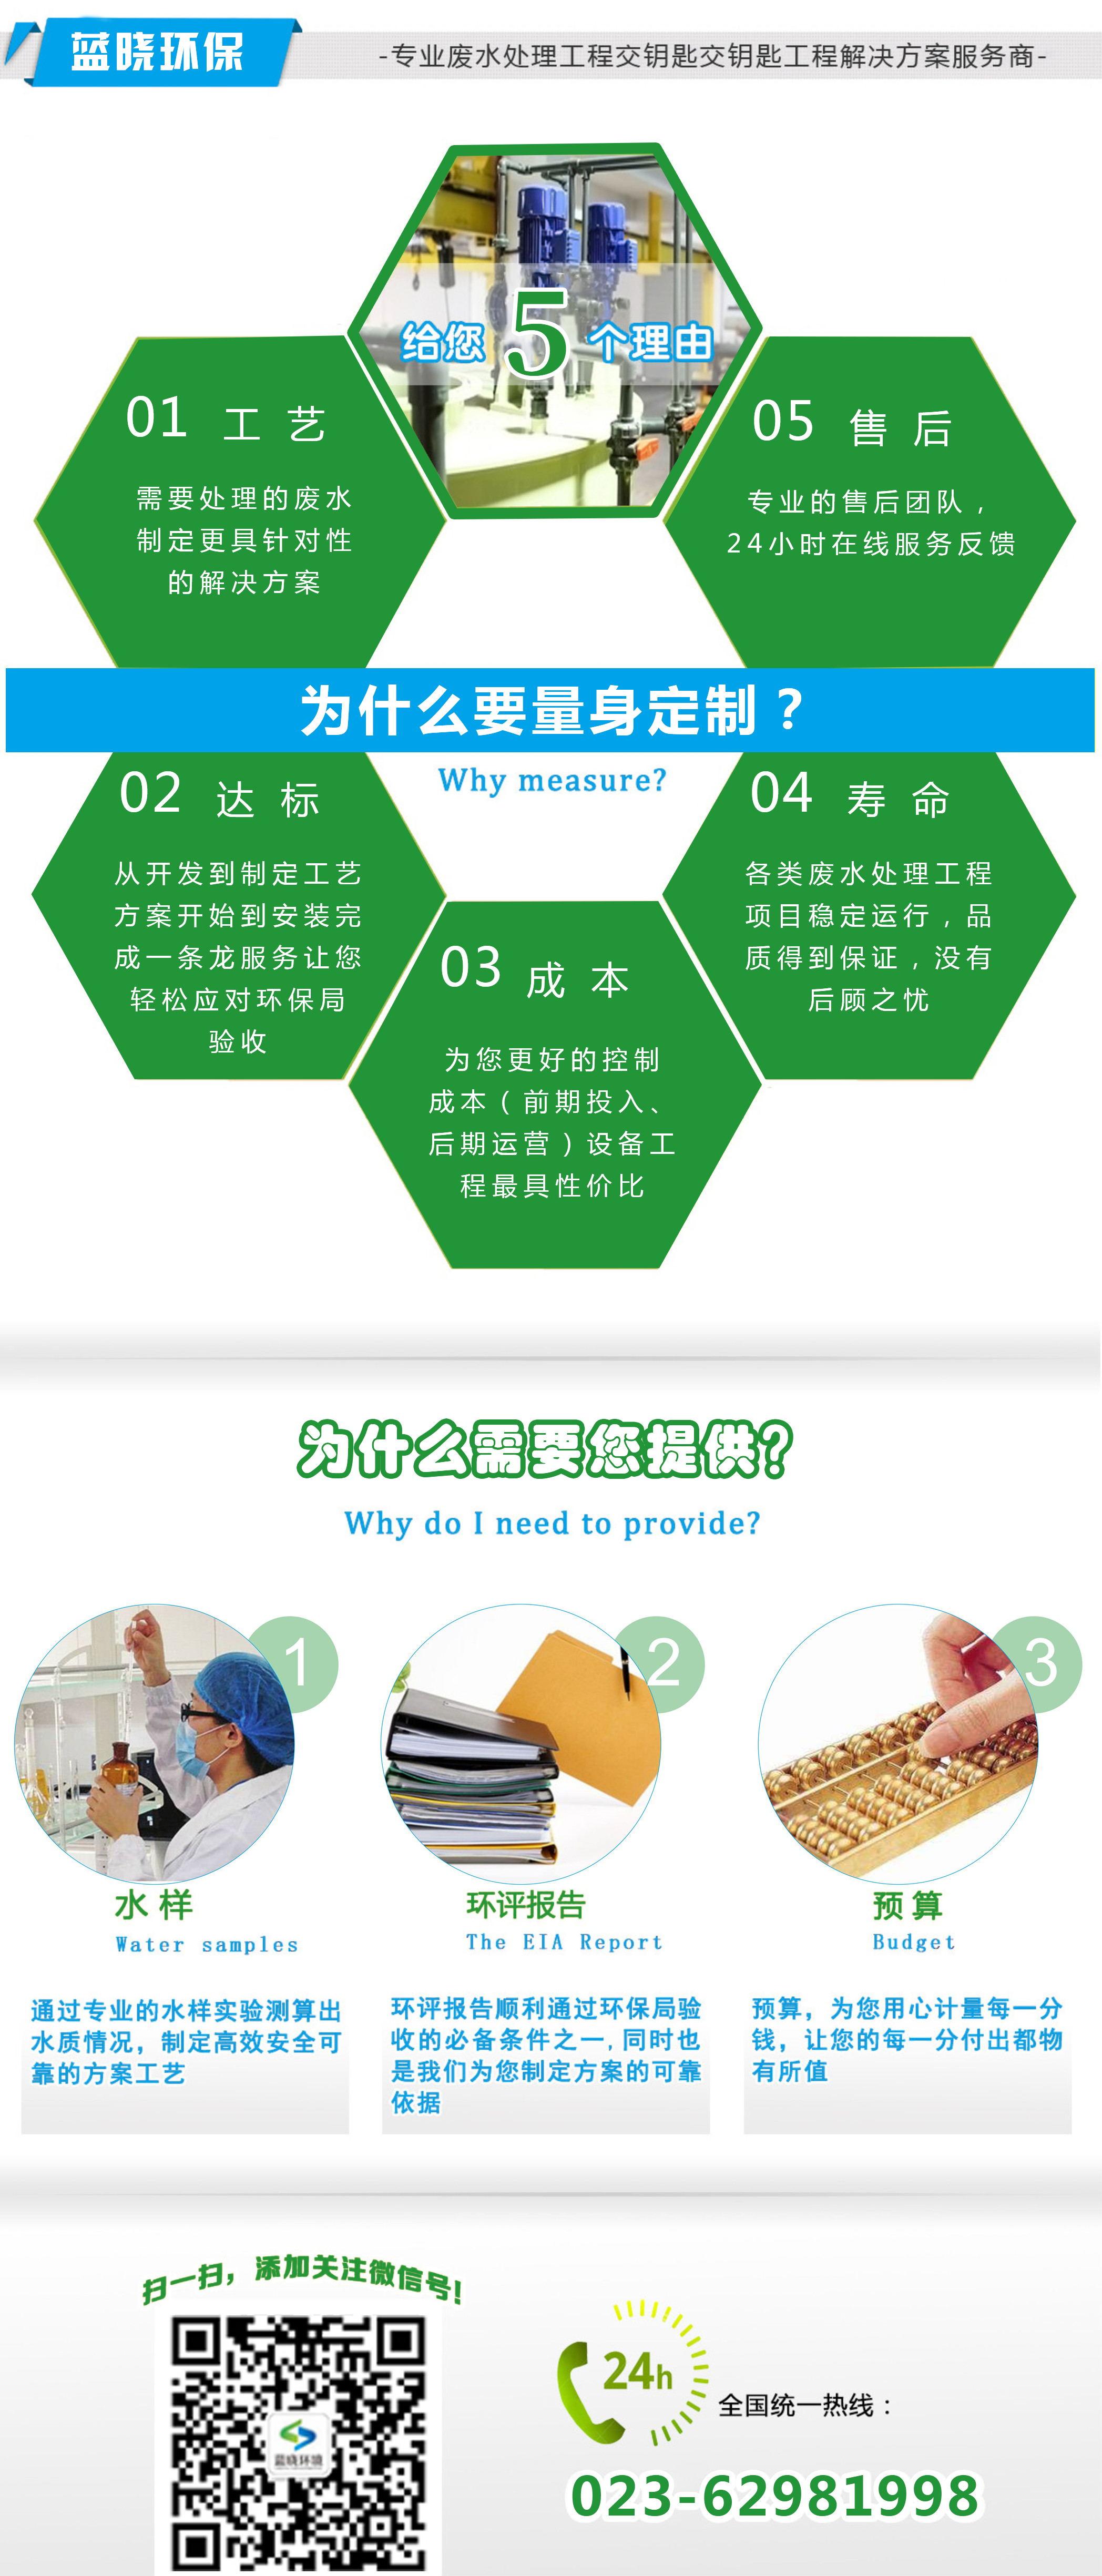 必威体育88必威网址app公司印染必威官网app下载治理